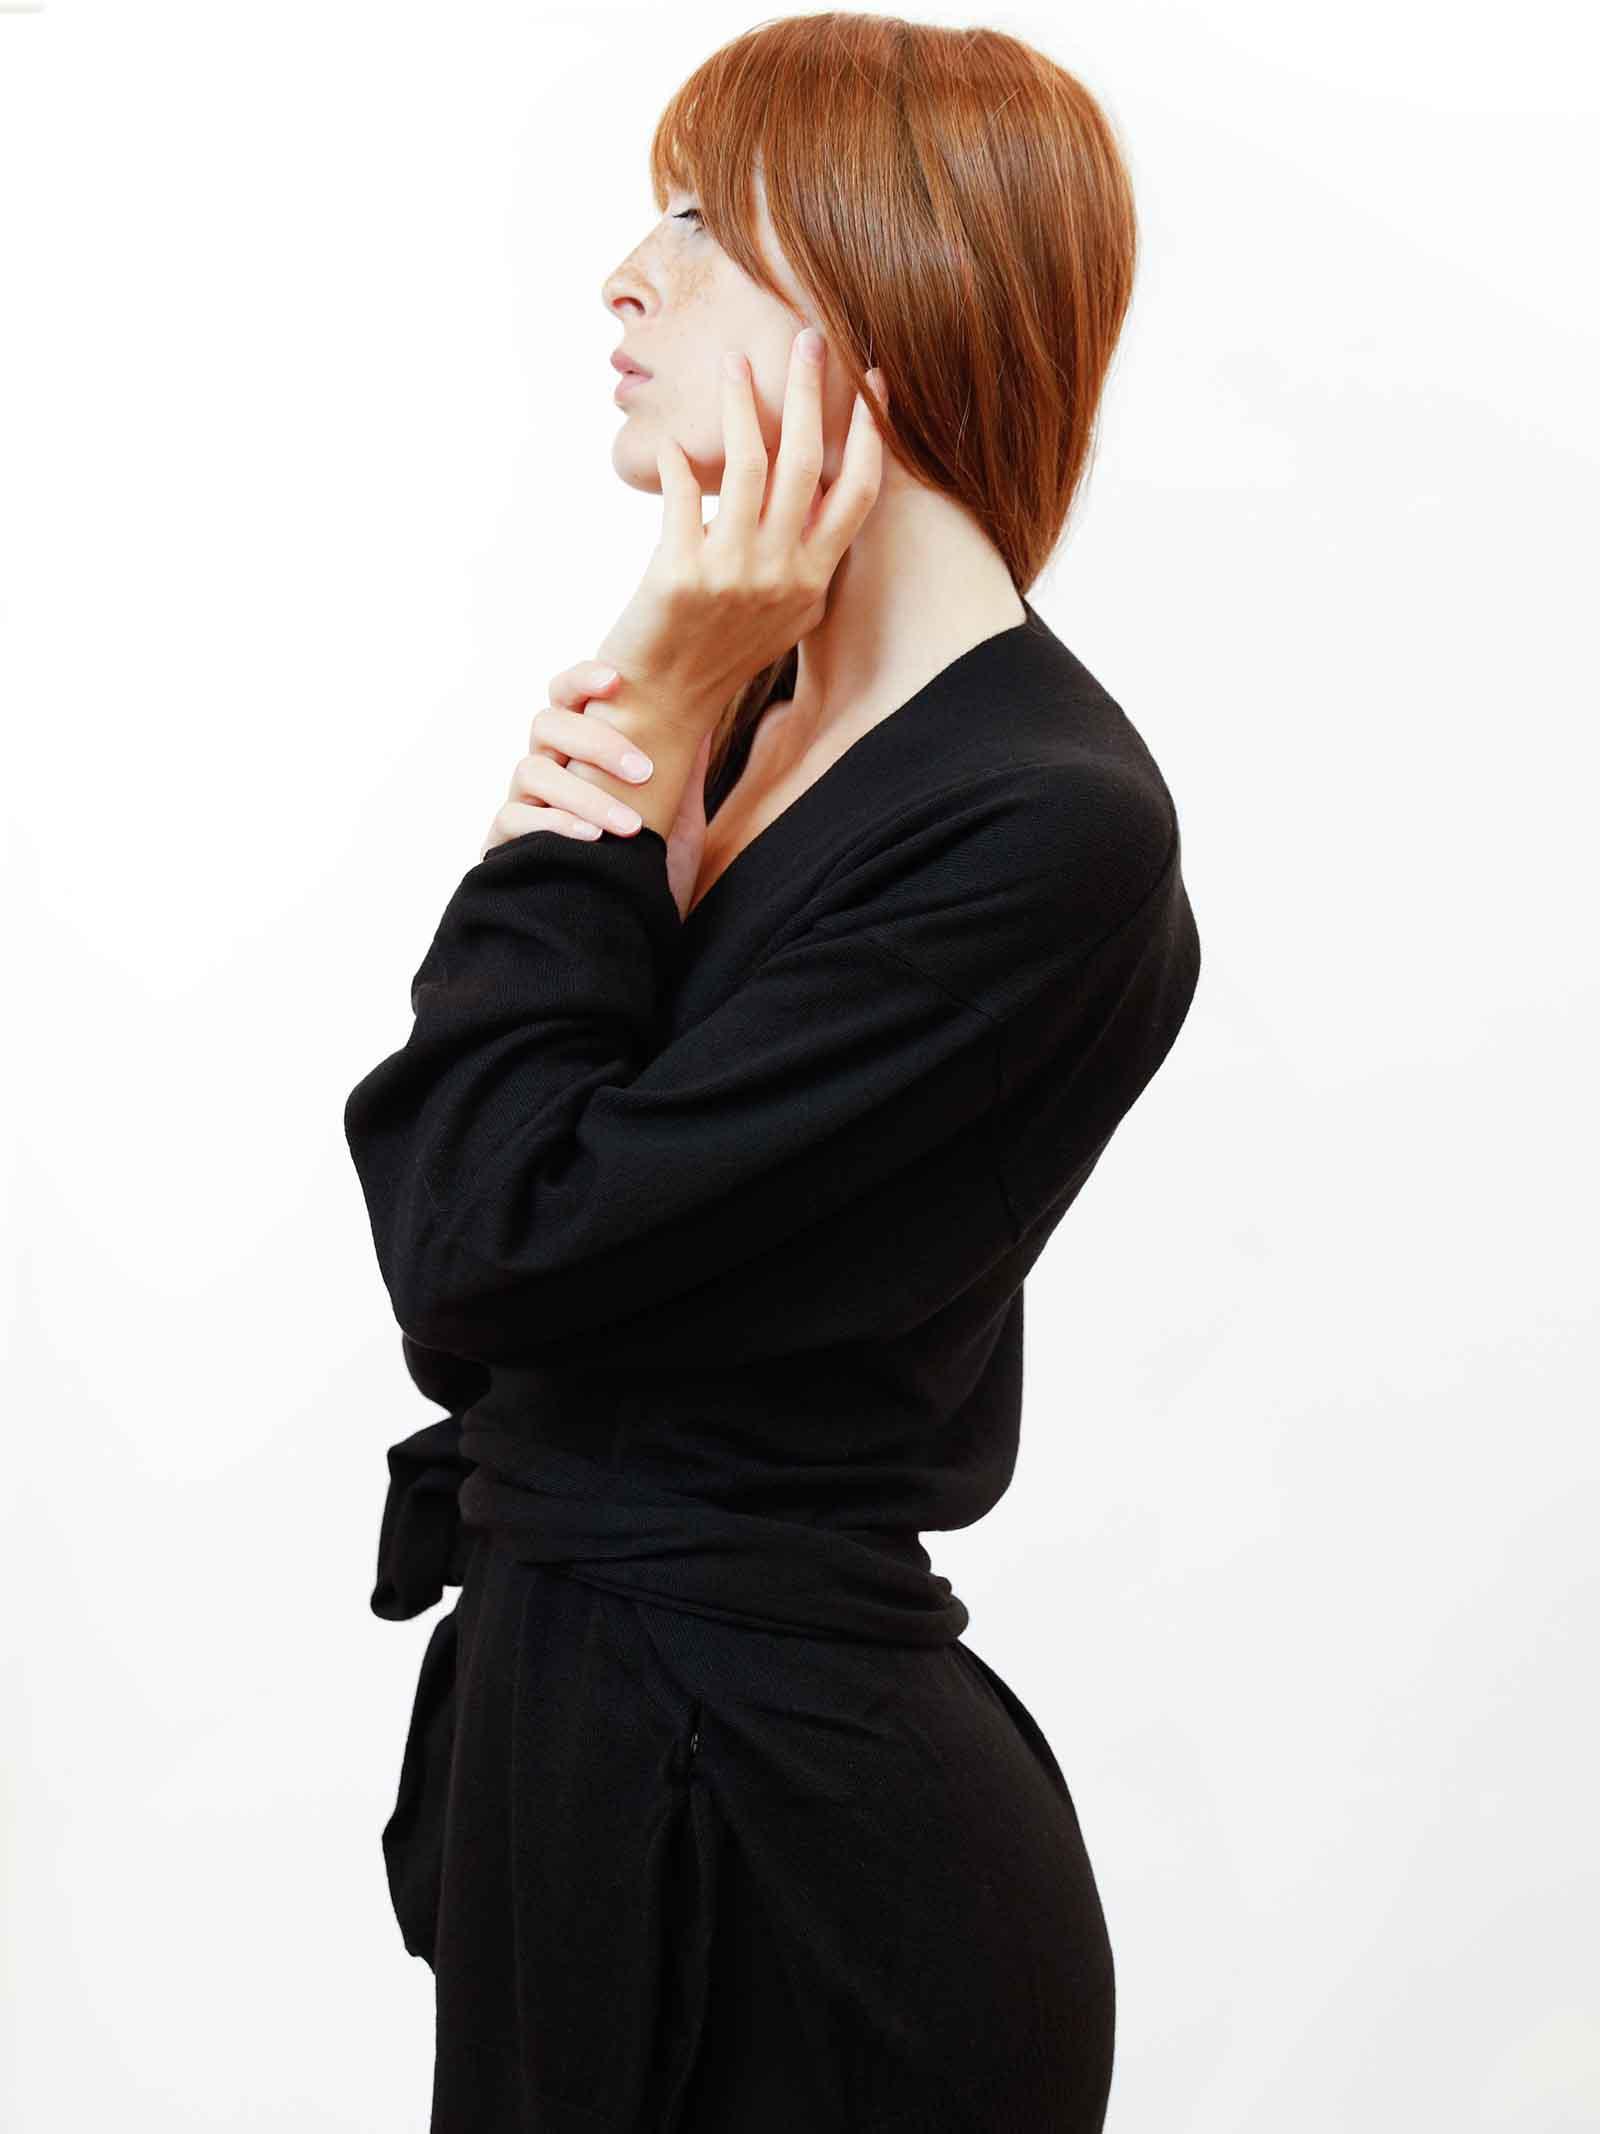 Abbigliamento Donna Cardigan Re-volution in Lana Nera con Cintura in Vita a Tono Maliparmi | Maglieria | JN35847051820000